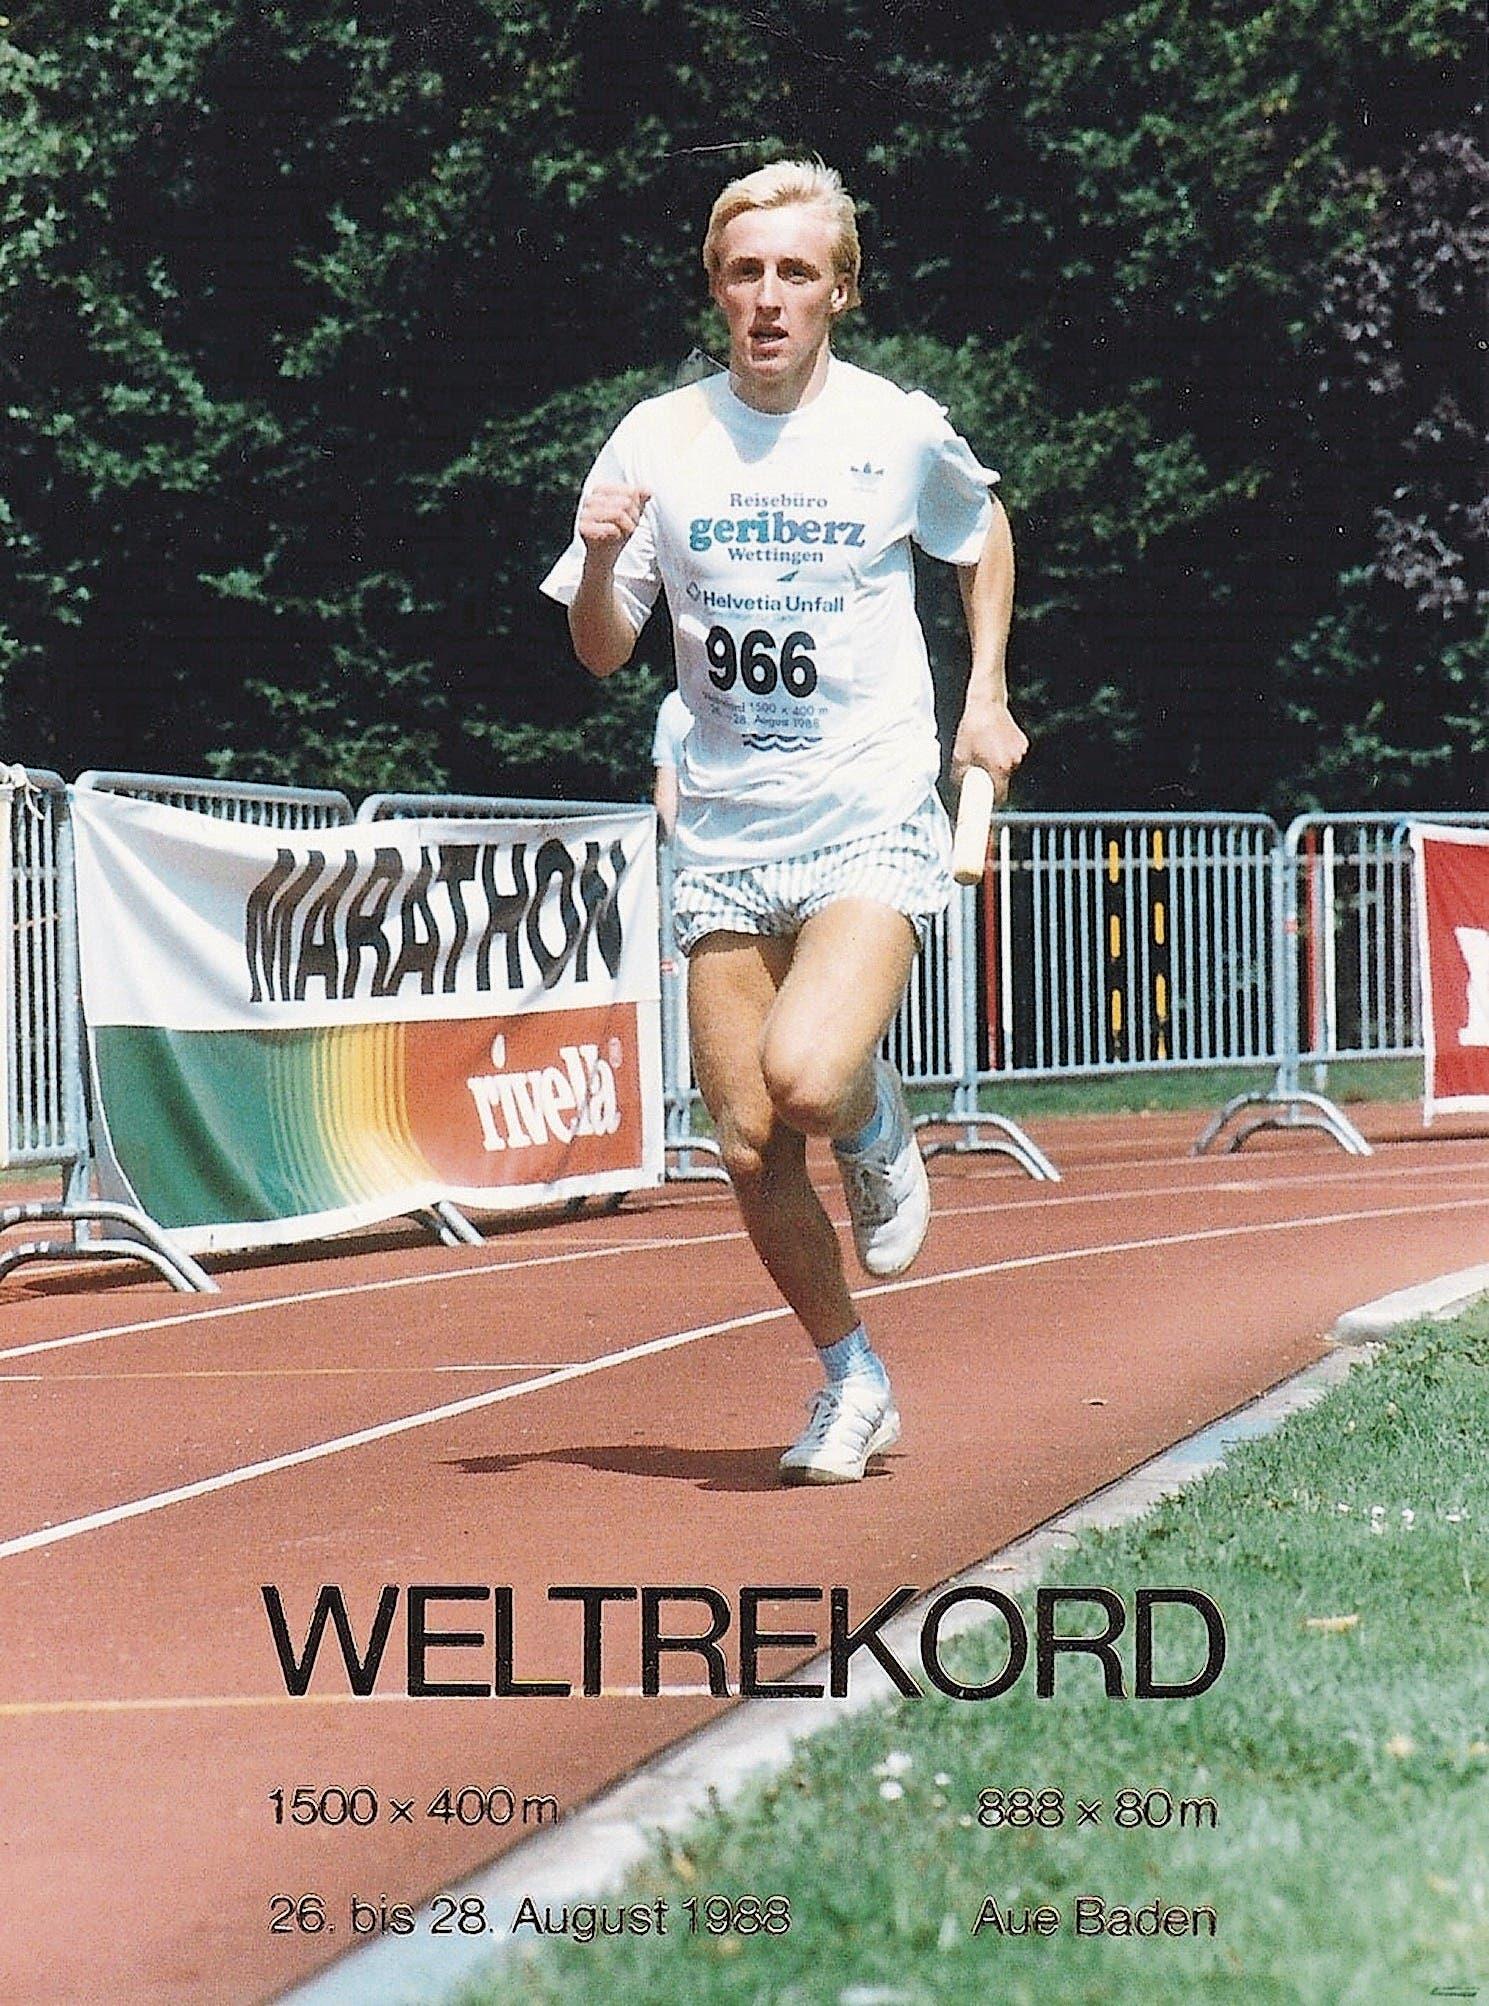 Sportredaktor Rainer Sommerhalder vor 30 Jahren in der Badener Aue. (Bild: privat)